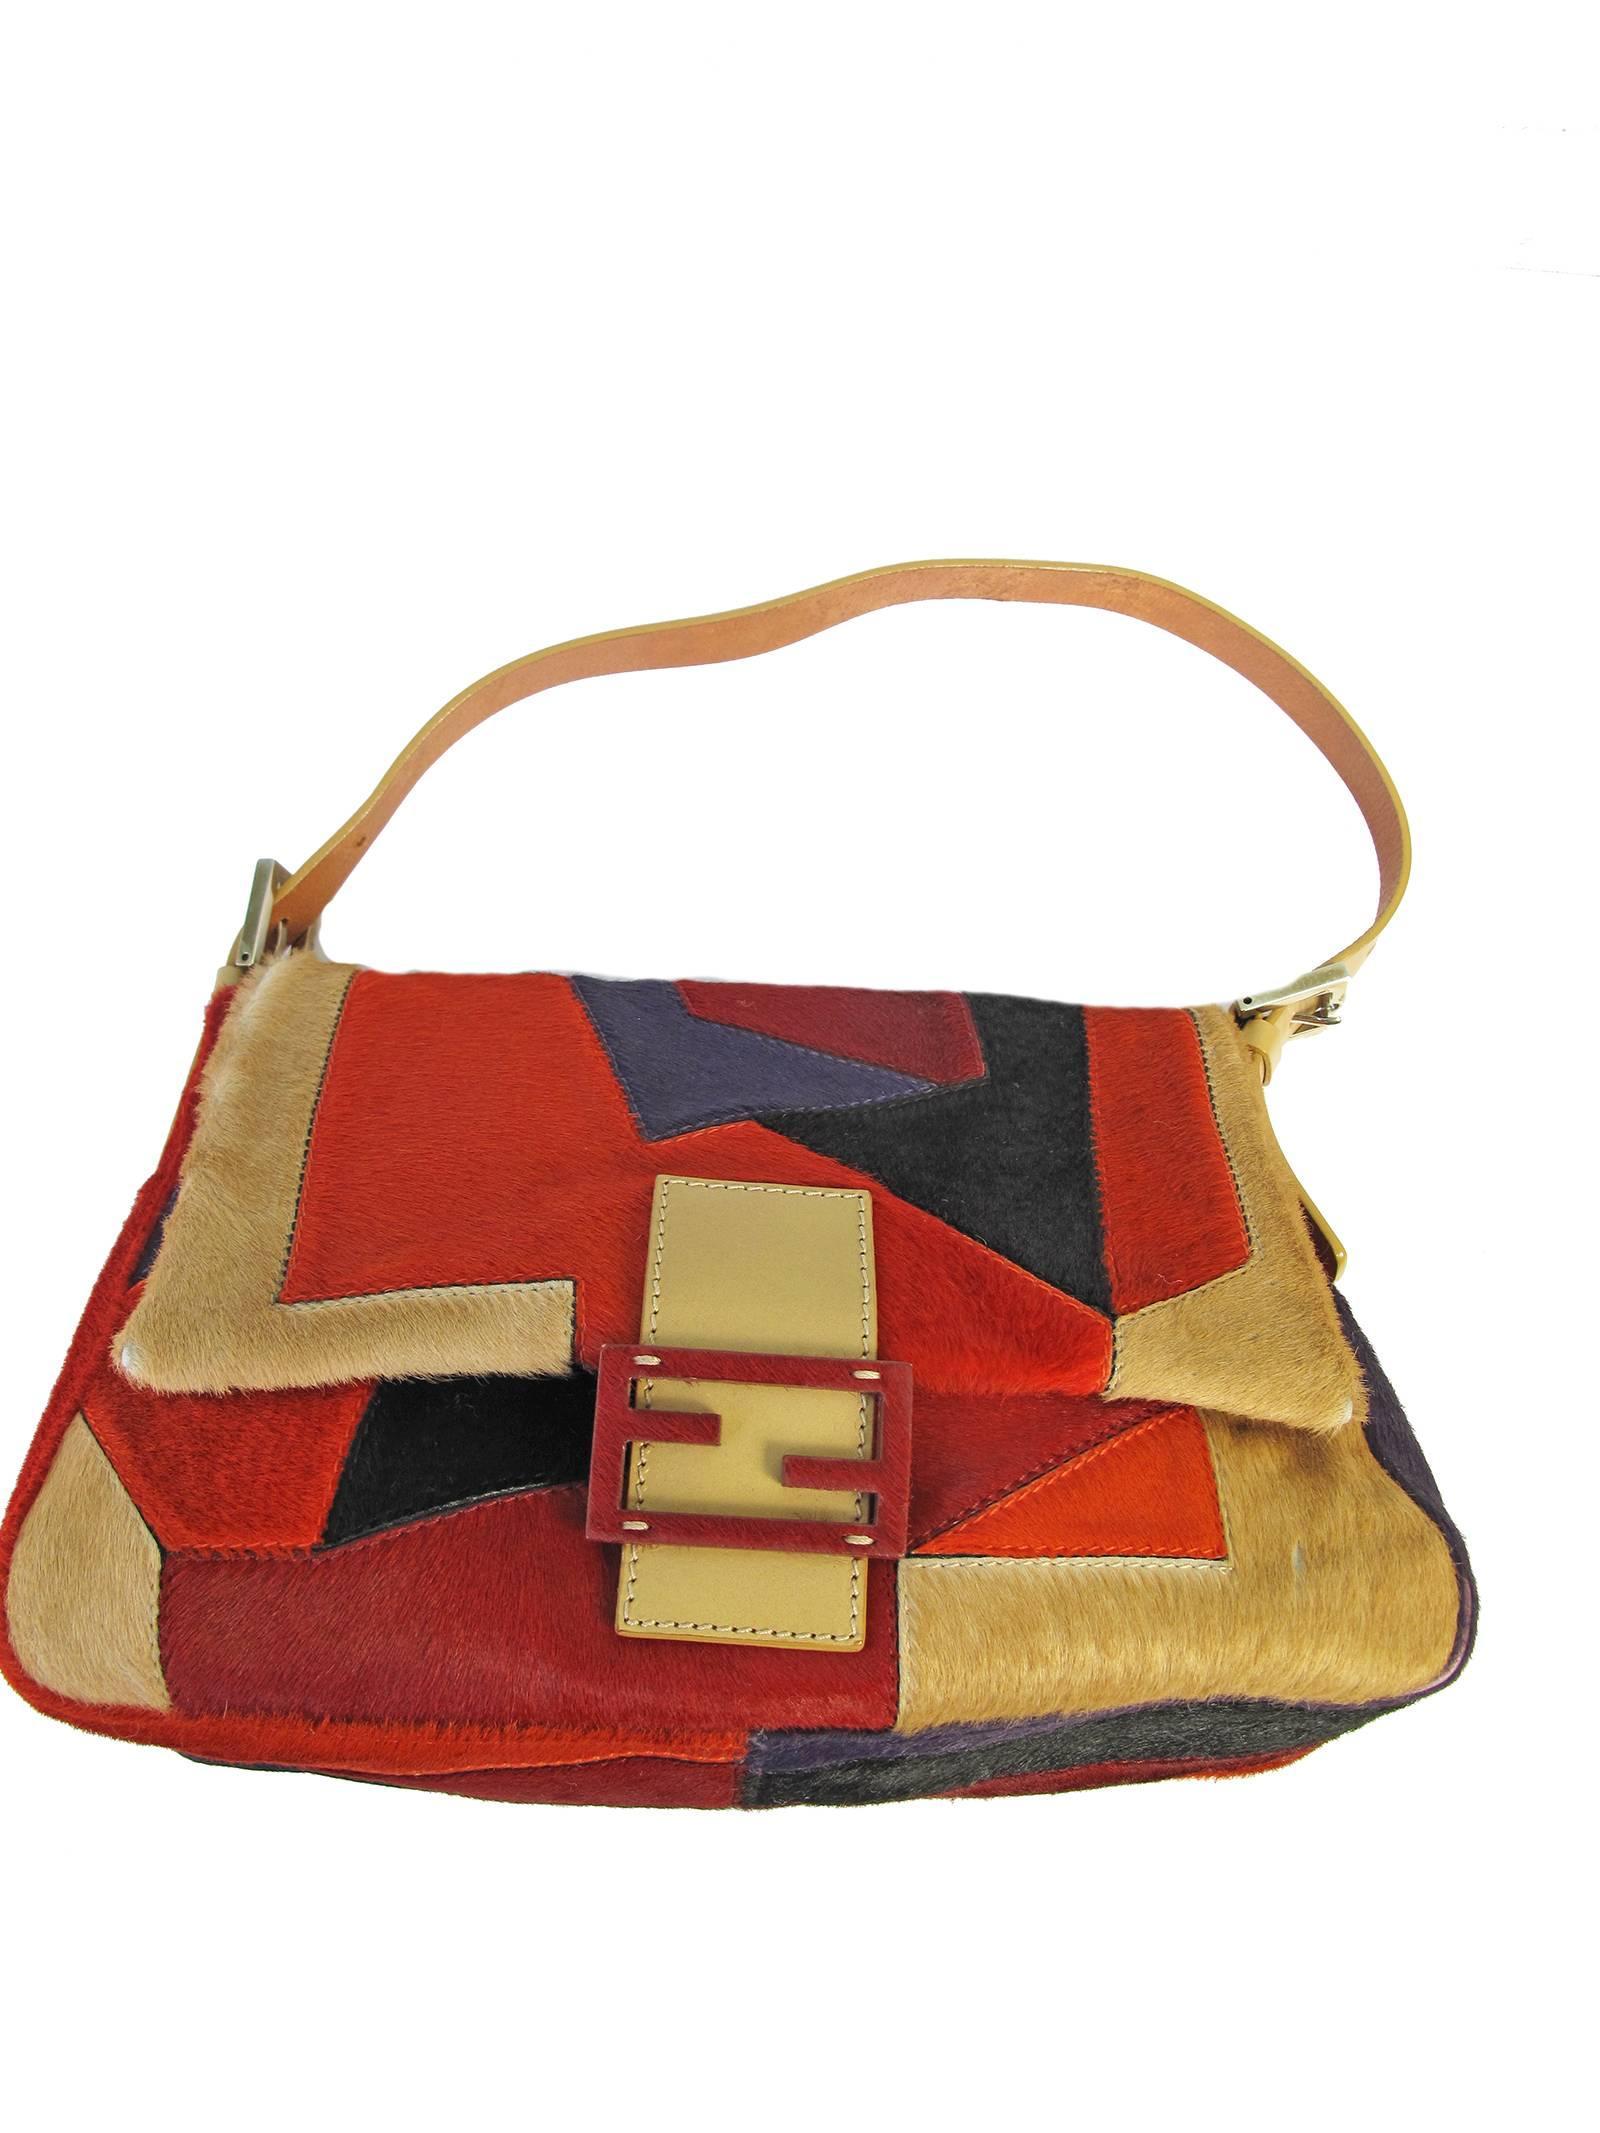 Fendi Pony Geometric Bag gDnDliCN